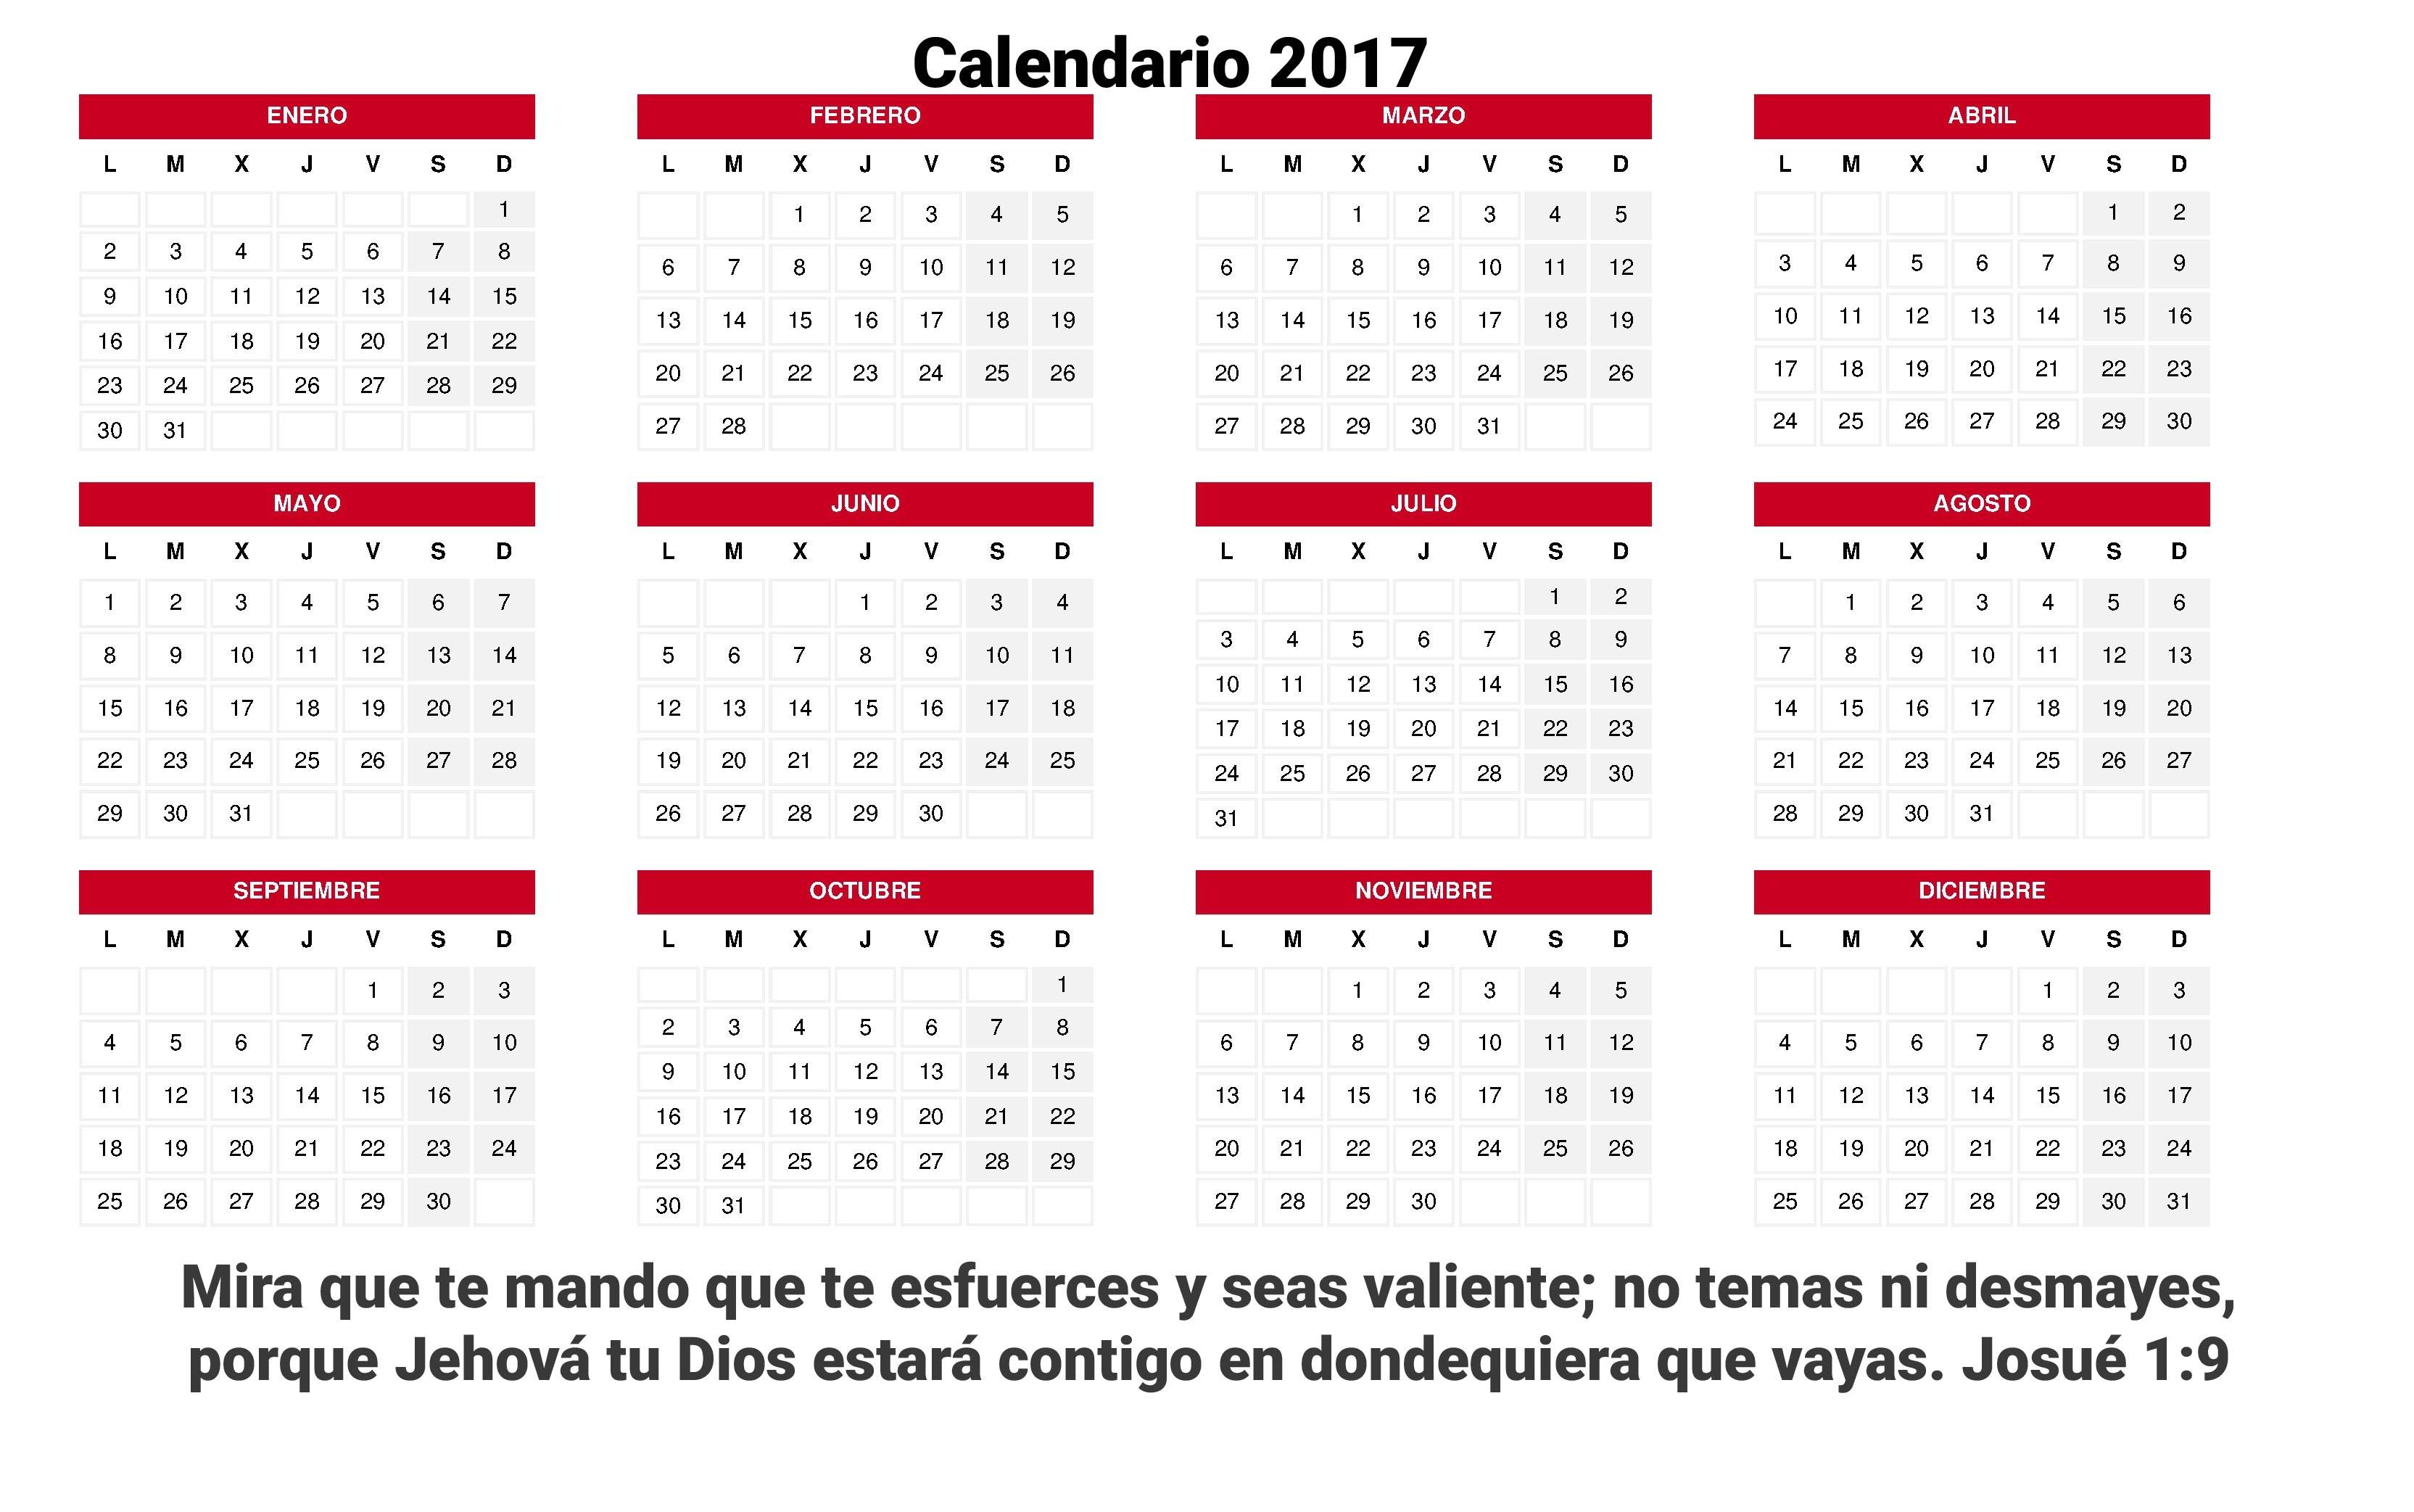 Calendario Noviembre 2017 Imprimir Gratis Más Recientes Calendarios Del Mes Kordurorddiner Of Calendario Noviembre 2017 Imprimir Gratis Mejores Y Más Novedosos Kalender Jawa November 2018